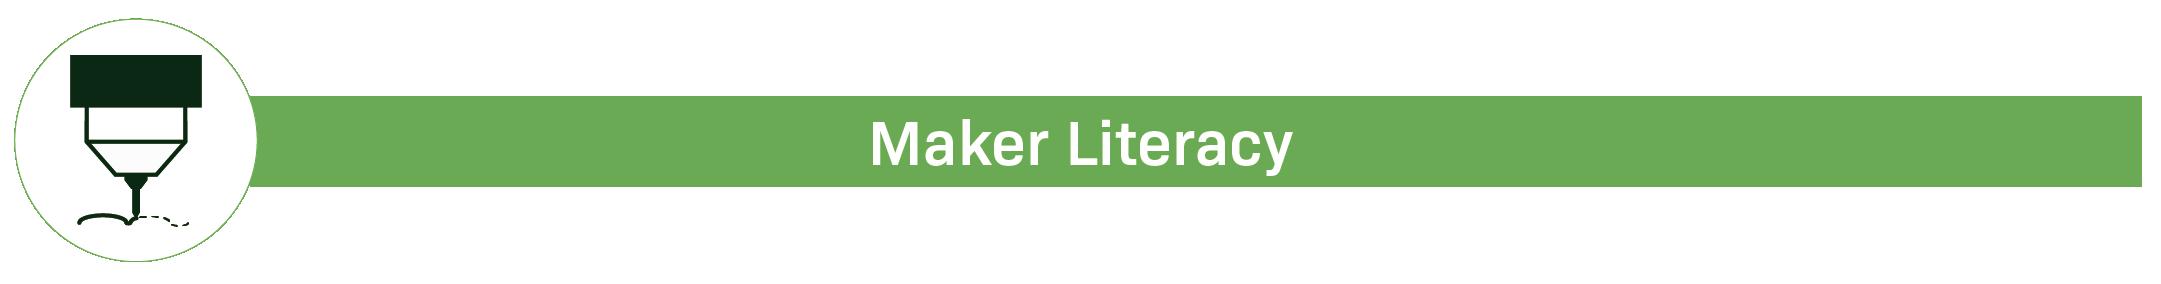 Maker Literacy badge